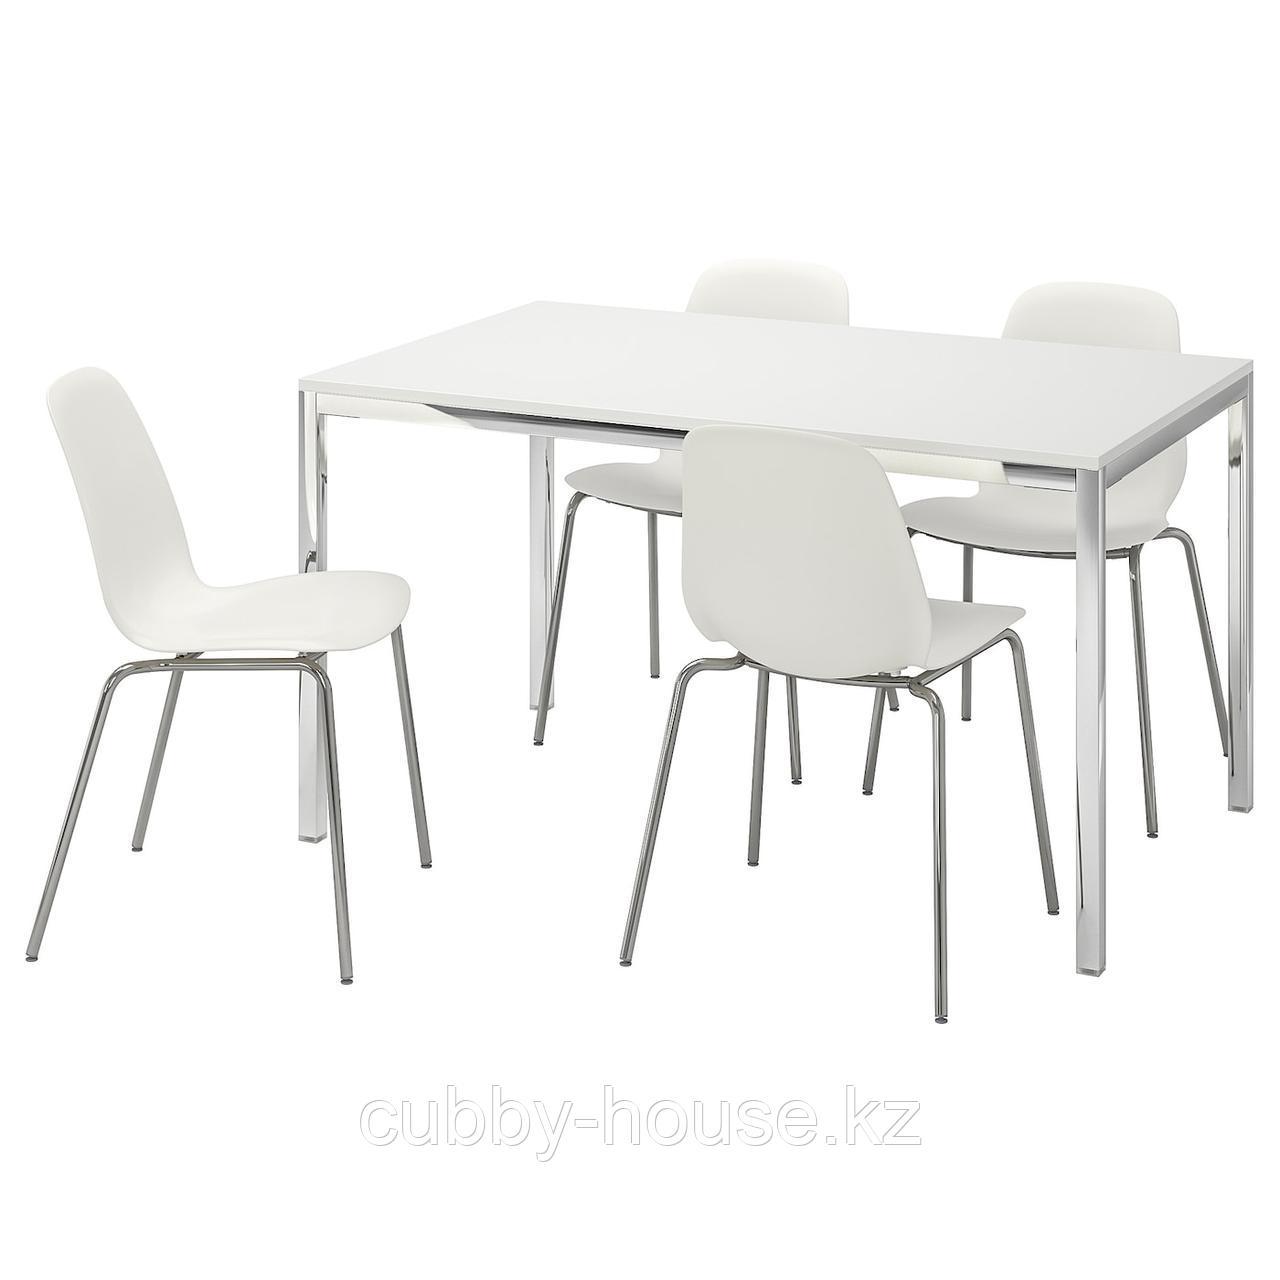 ТОРСБИ / ЛЕЙФ-АРНЕ Стол и 4 стула, глянцевый белый, белый, 135 см